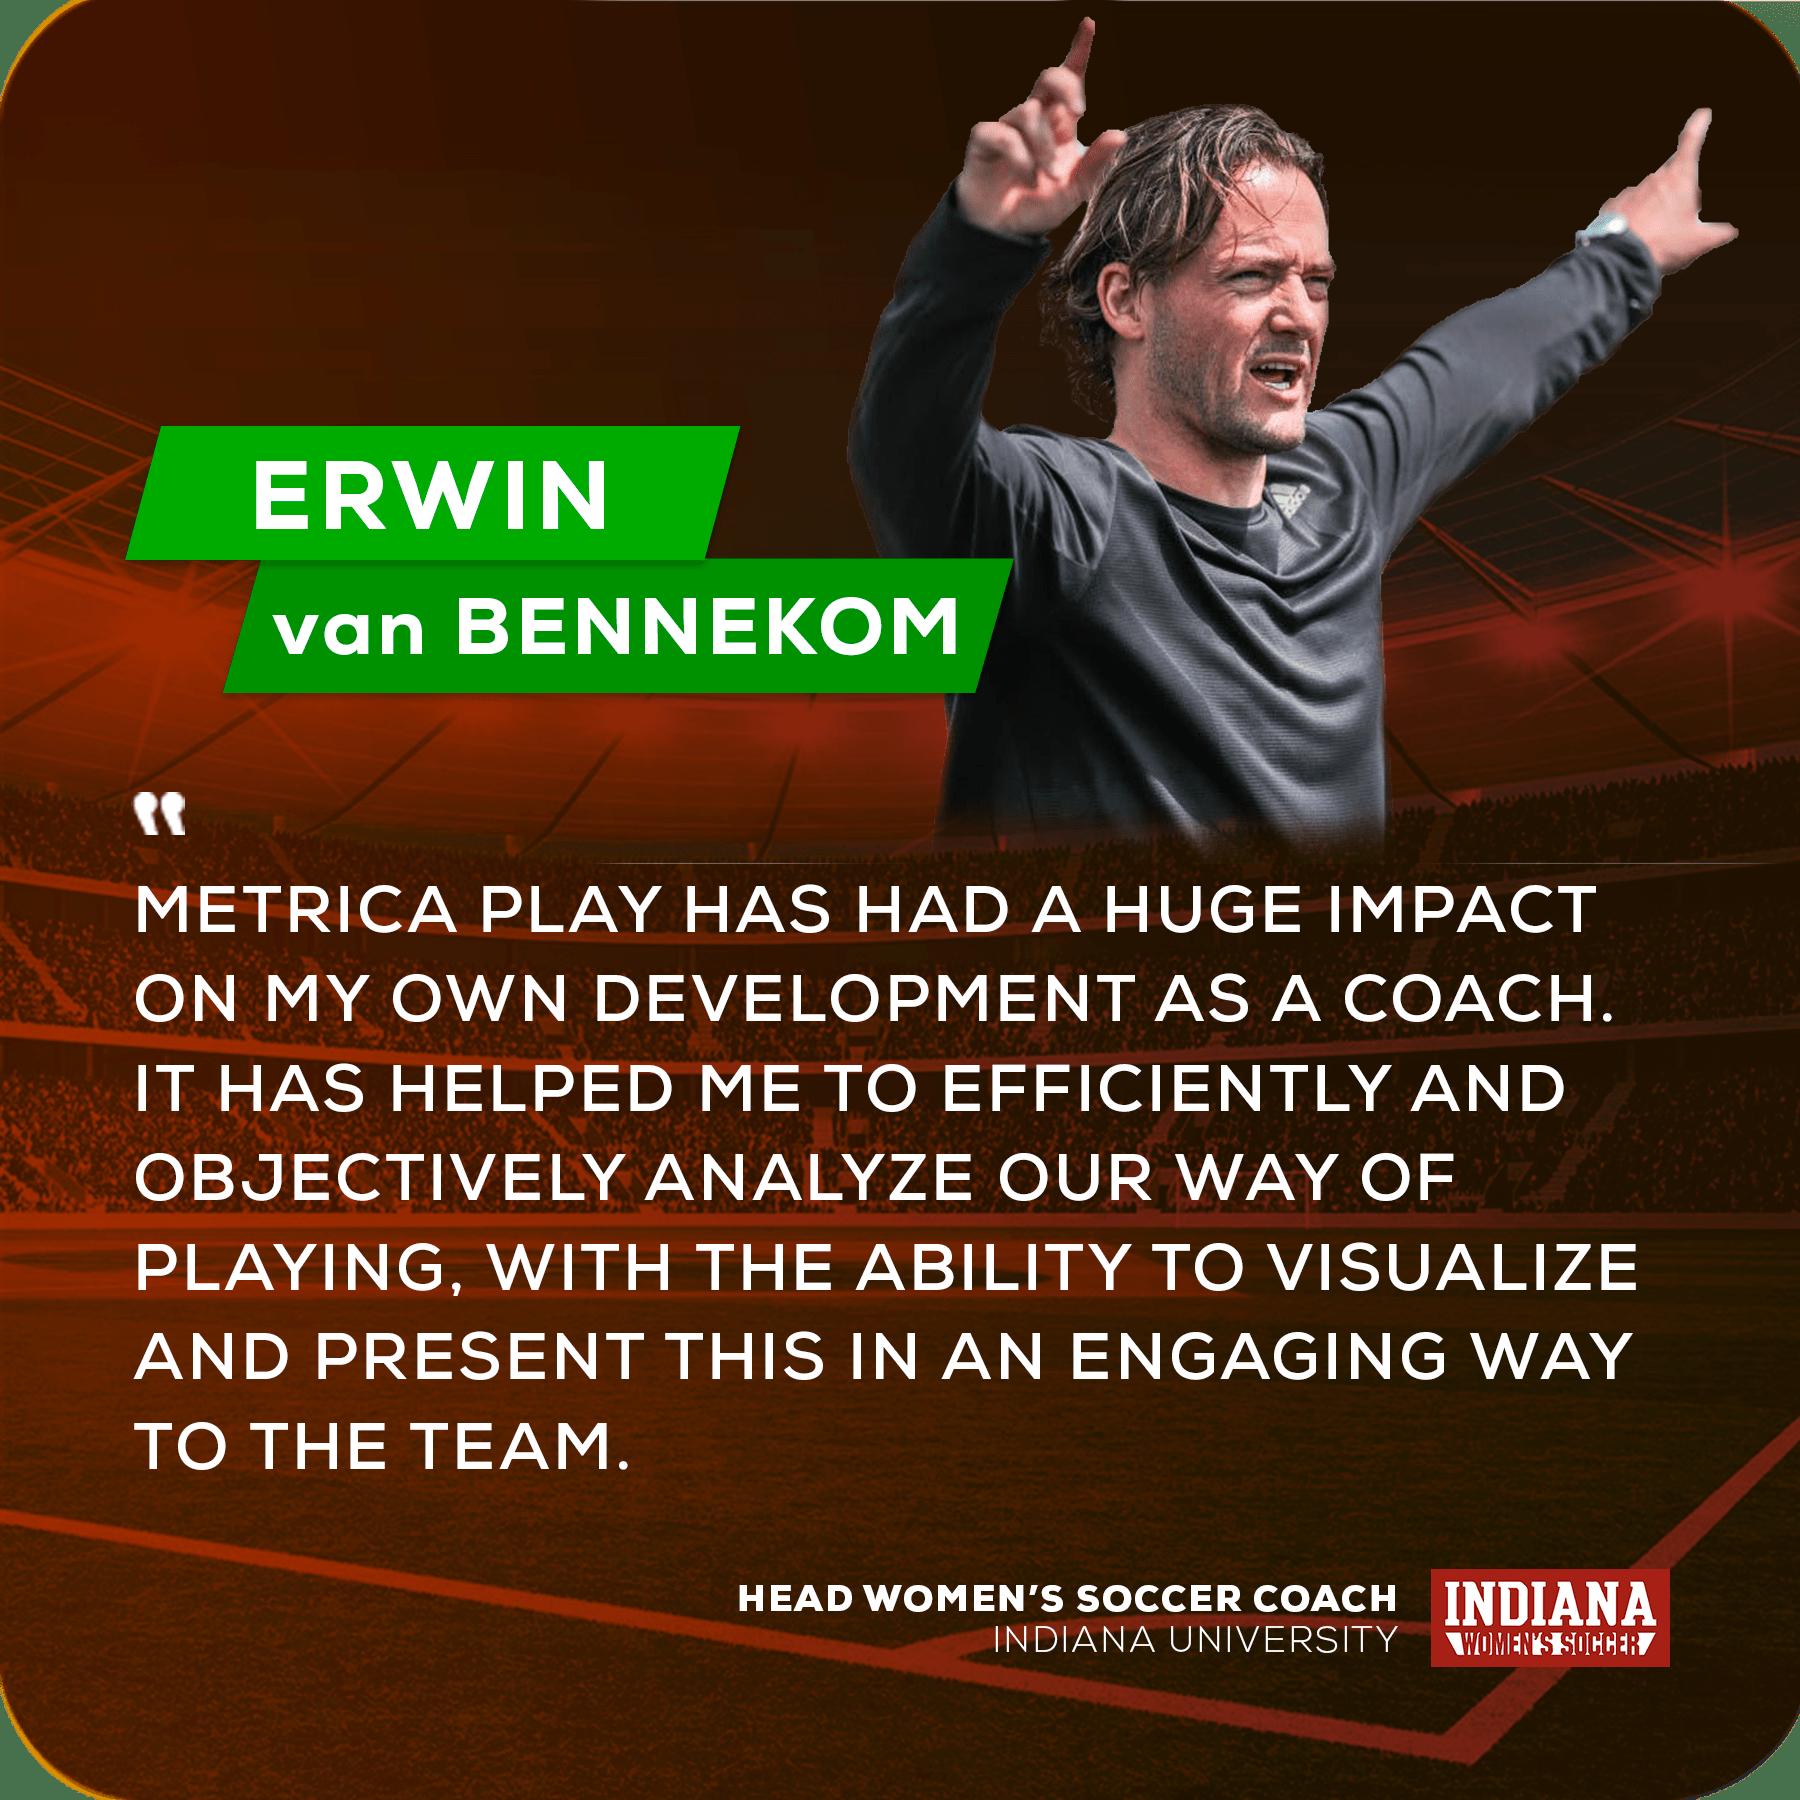 Erwin van Bennekom Quote